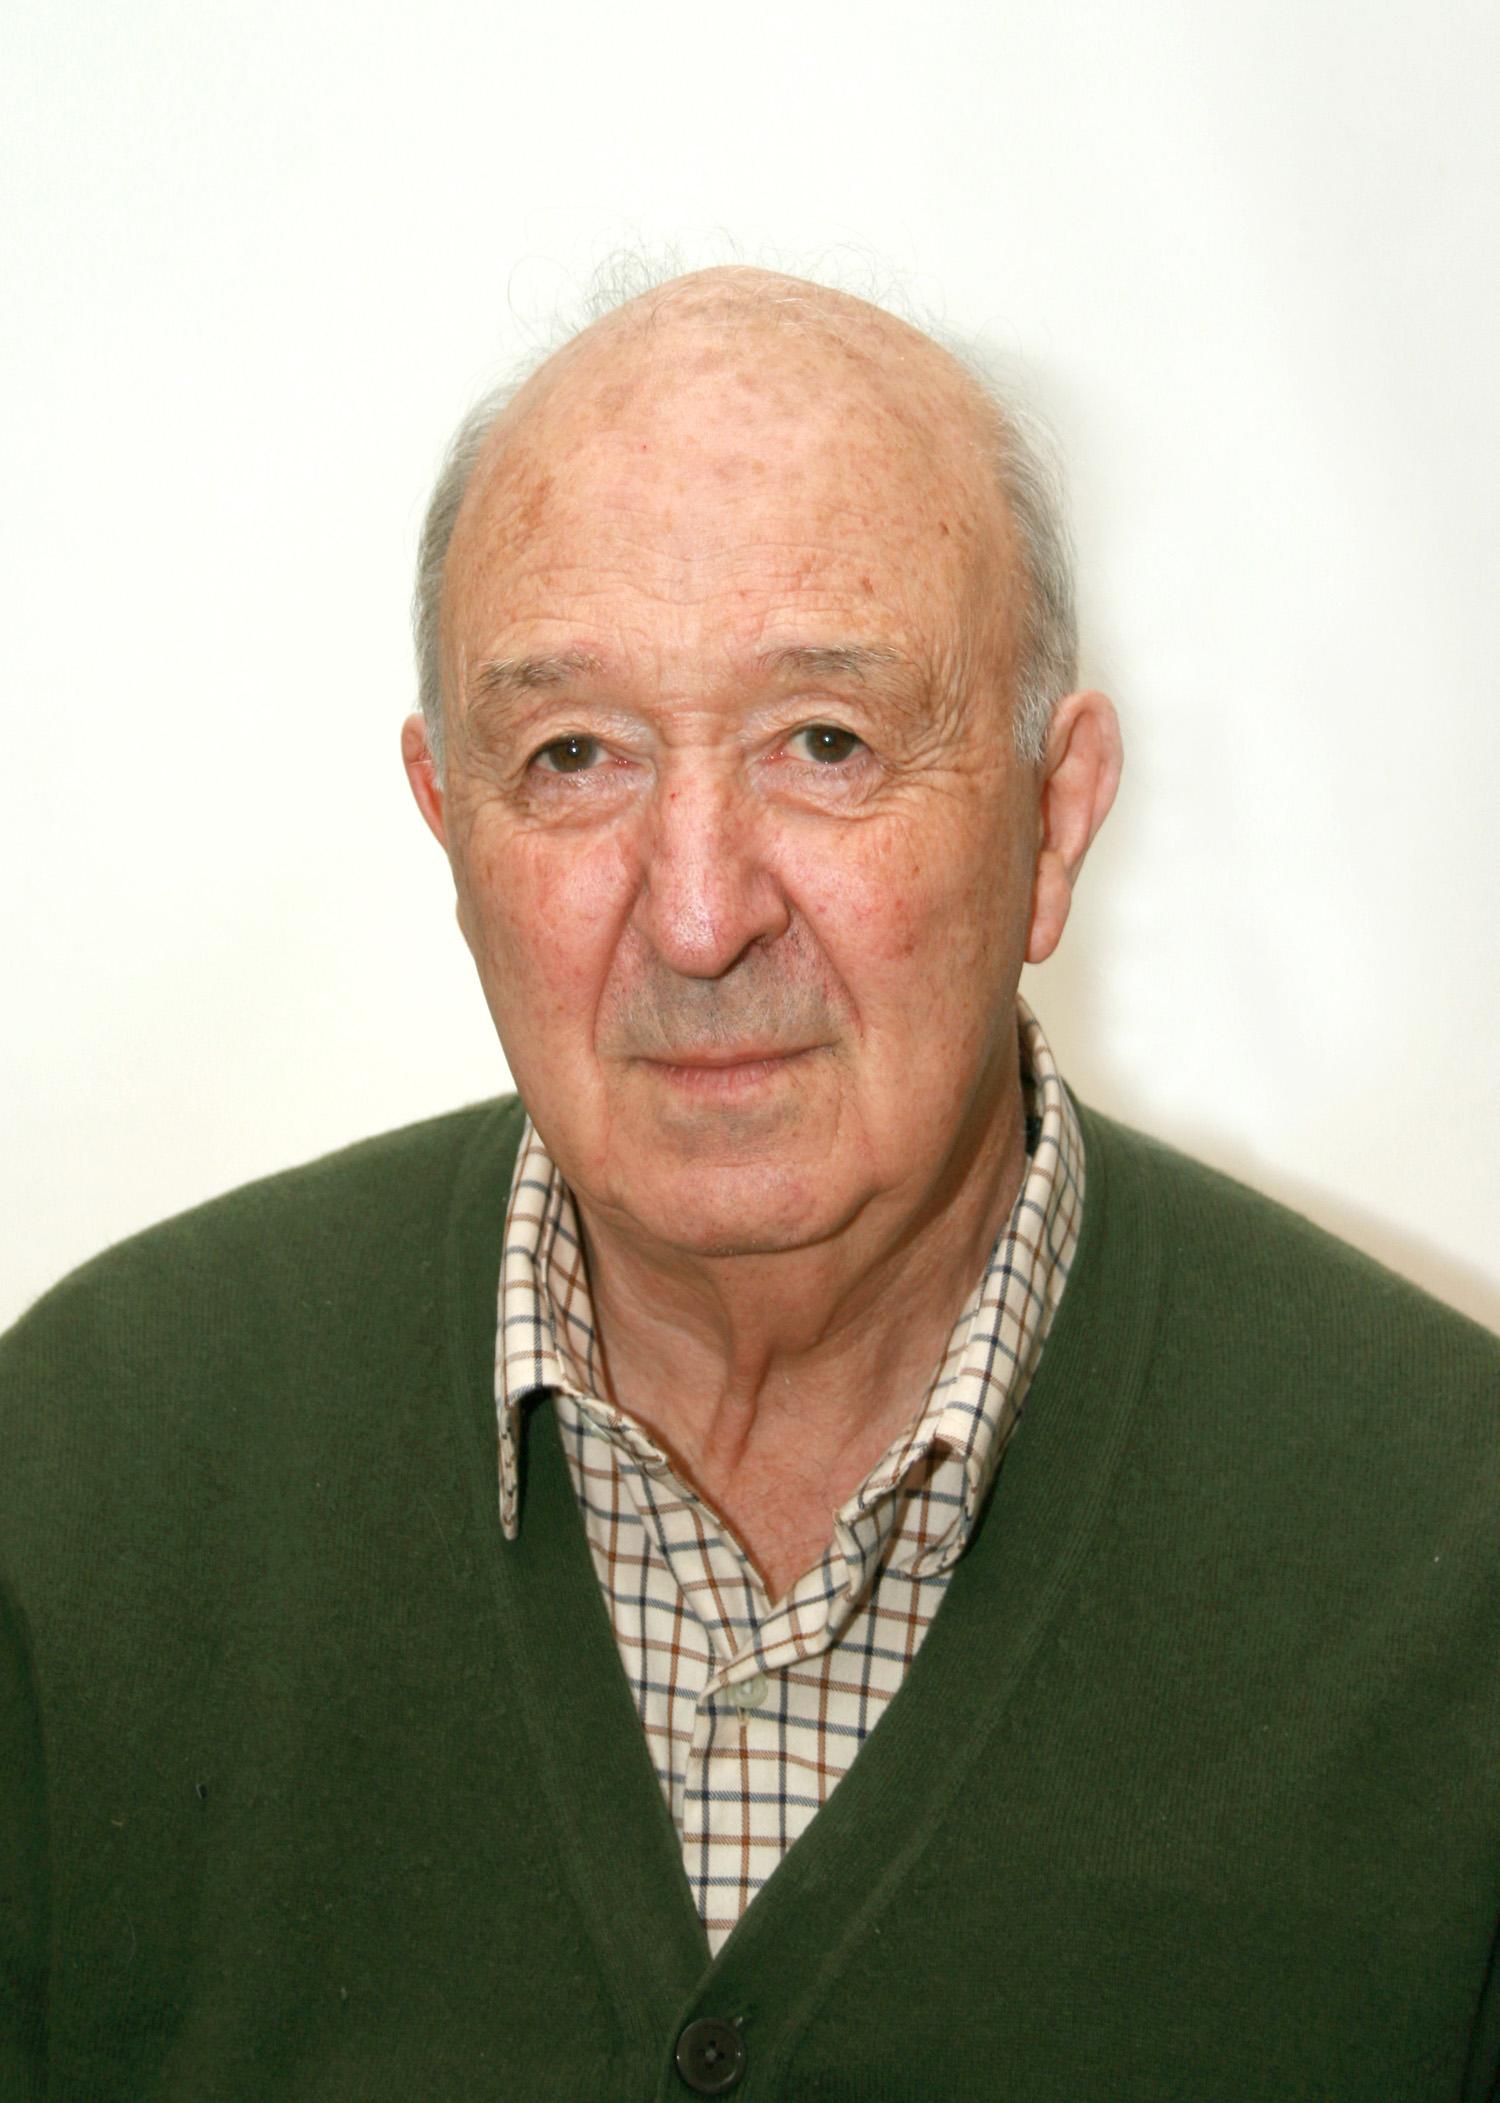 Peter brown for Le jardin voyageur peter brown